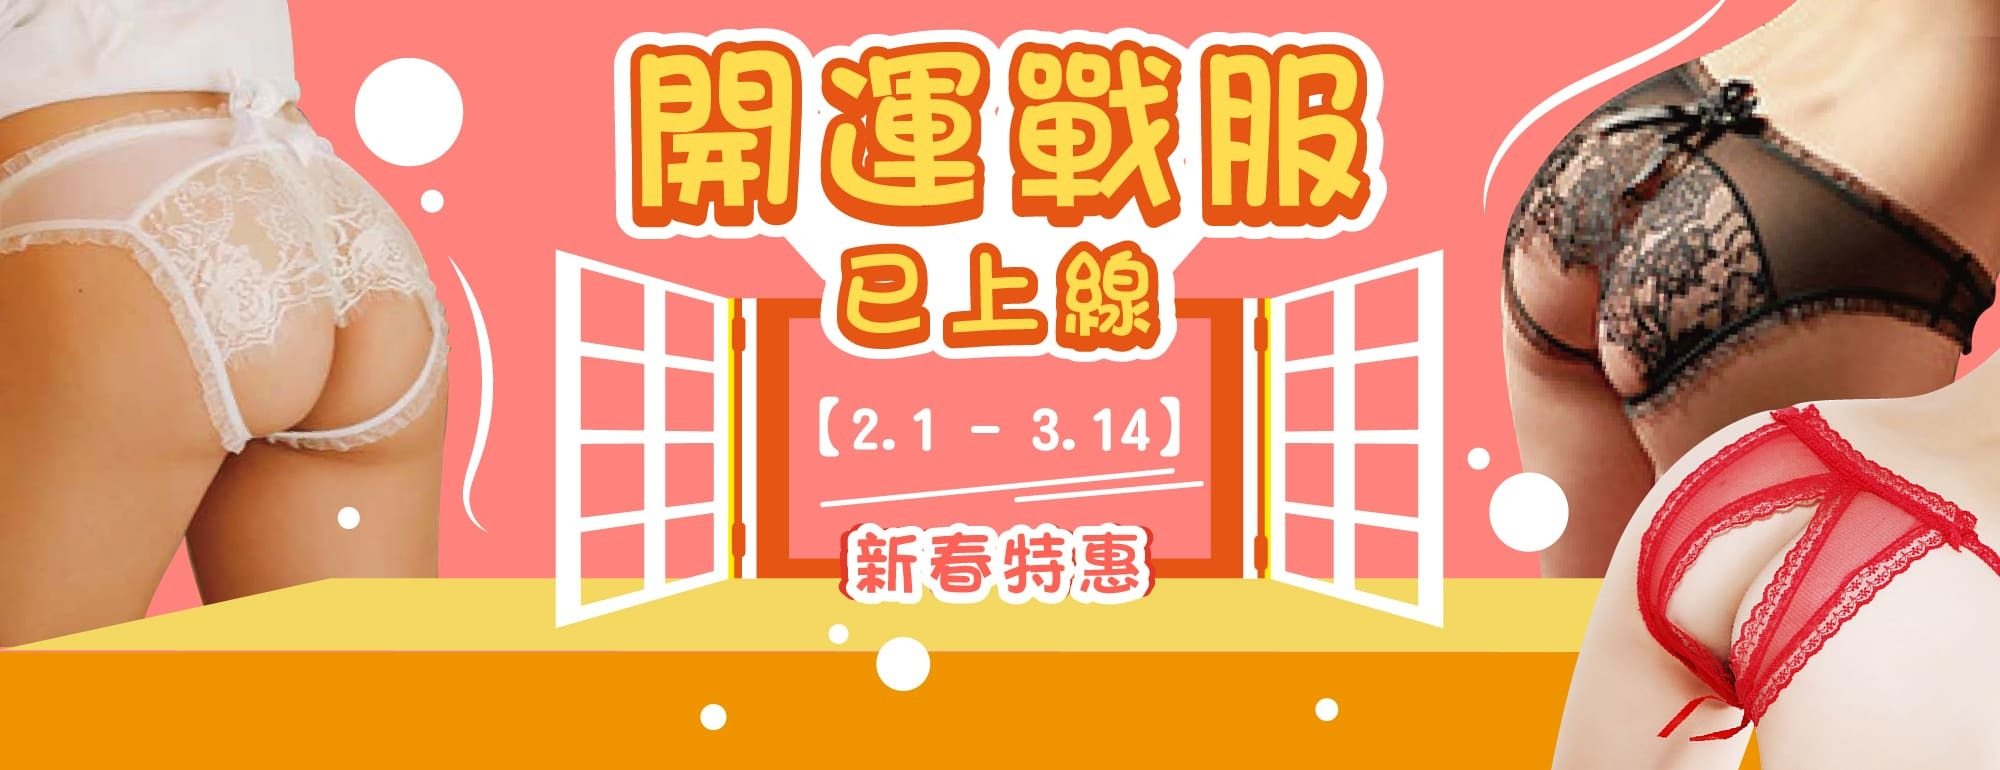 開運戰服,蕾絲情趣內褲已經上線,新春特惠2/1-3/14